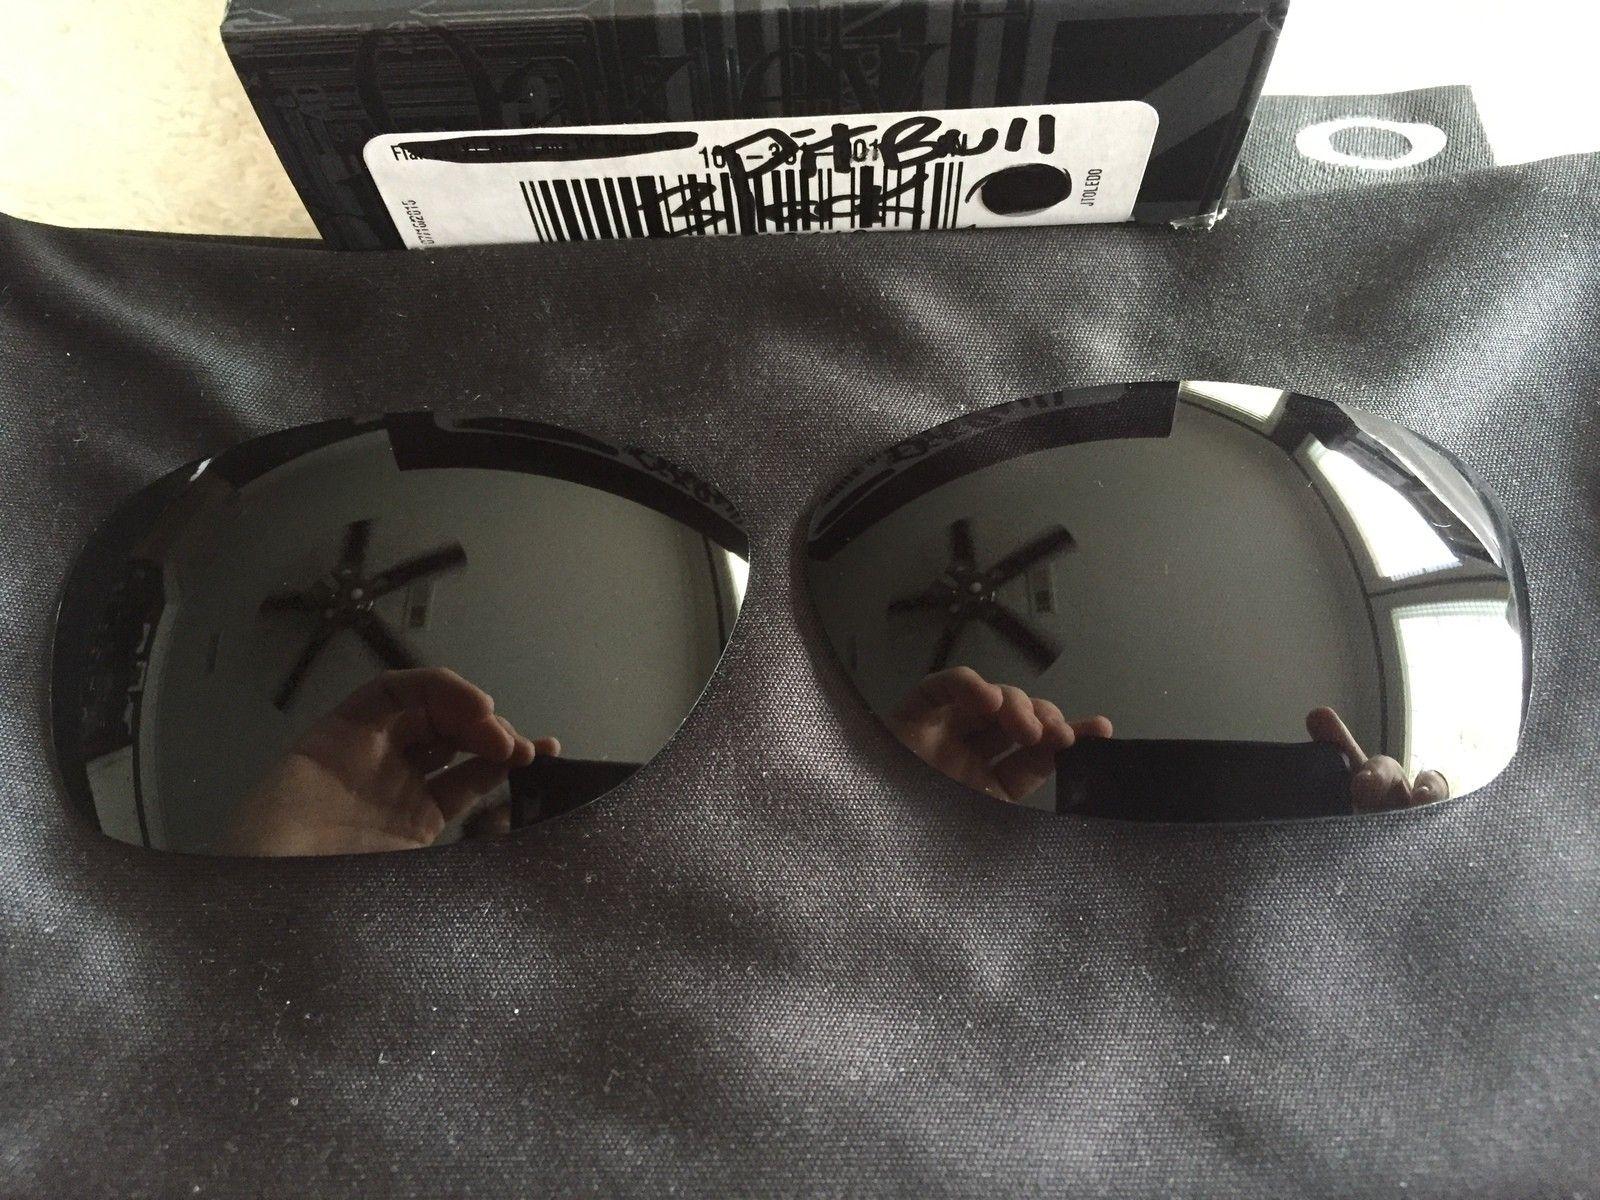 Random OEM lenses sitting around - Pit bull.JPG